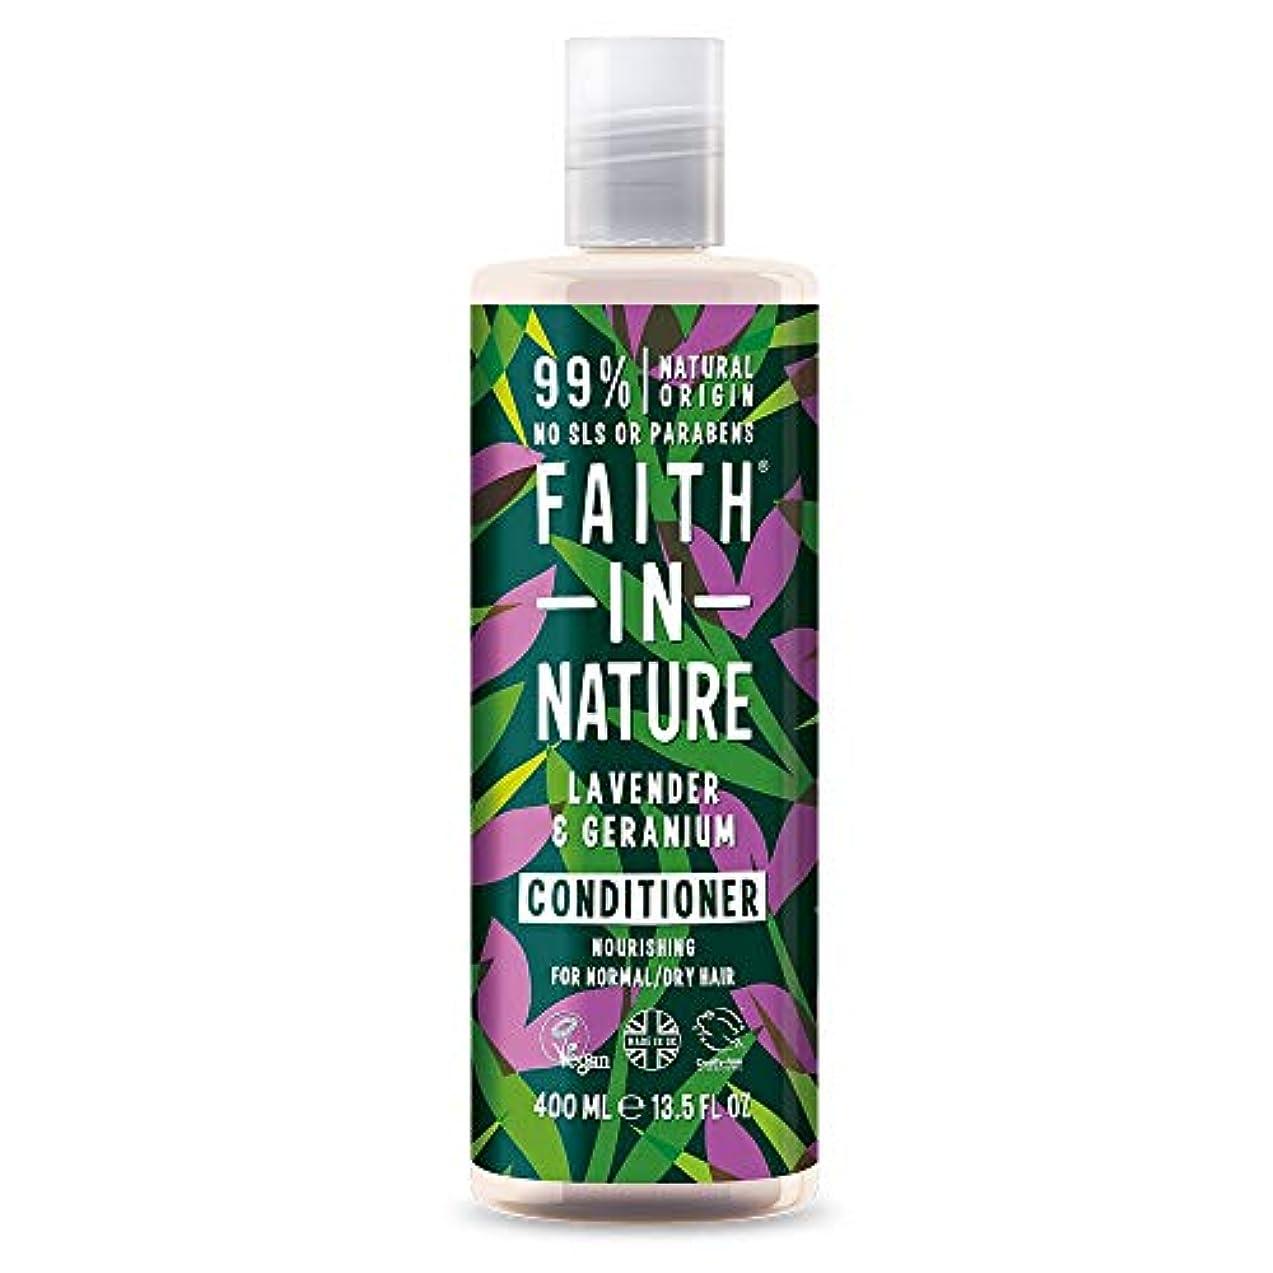 遊びますキャンセルとげFaith In Nature Lavender & Geranium Conditioner Normal To Dry Hair 400ml